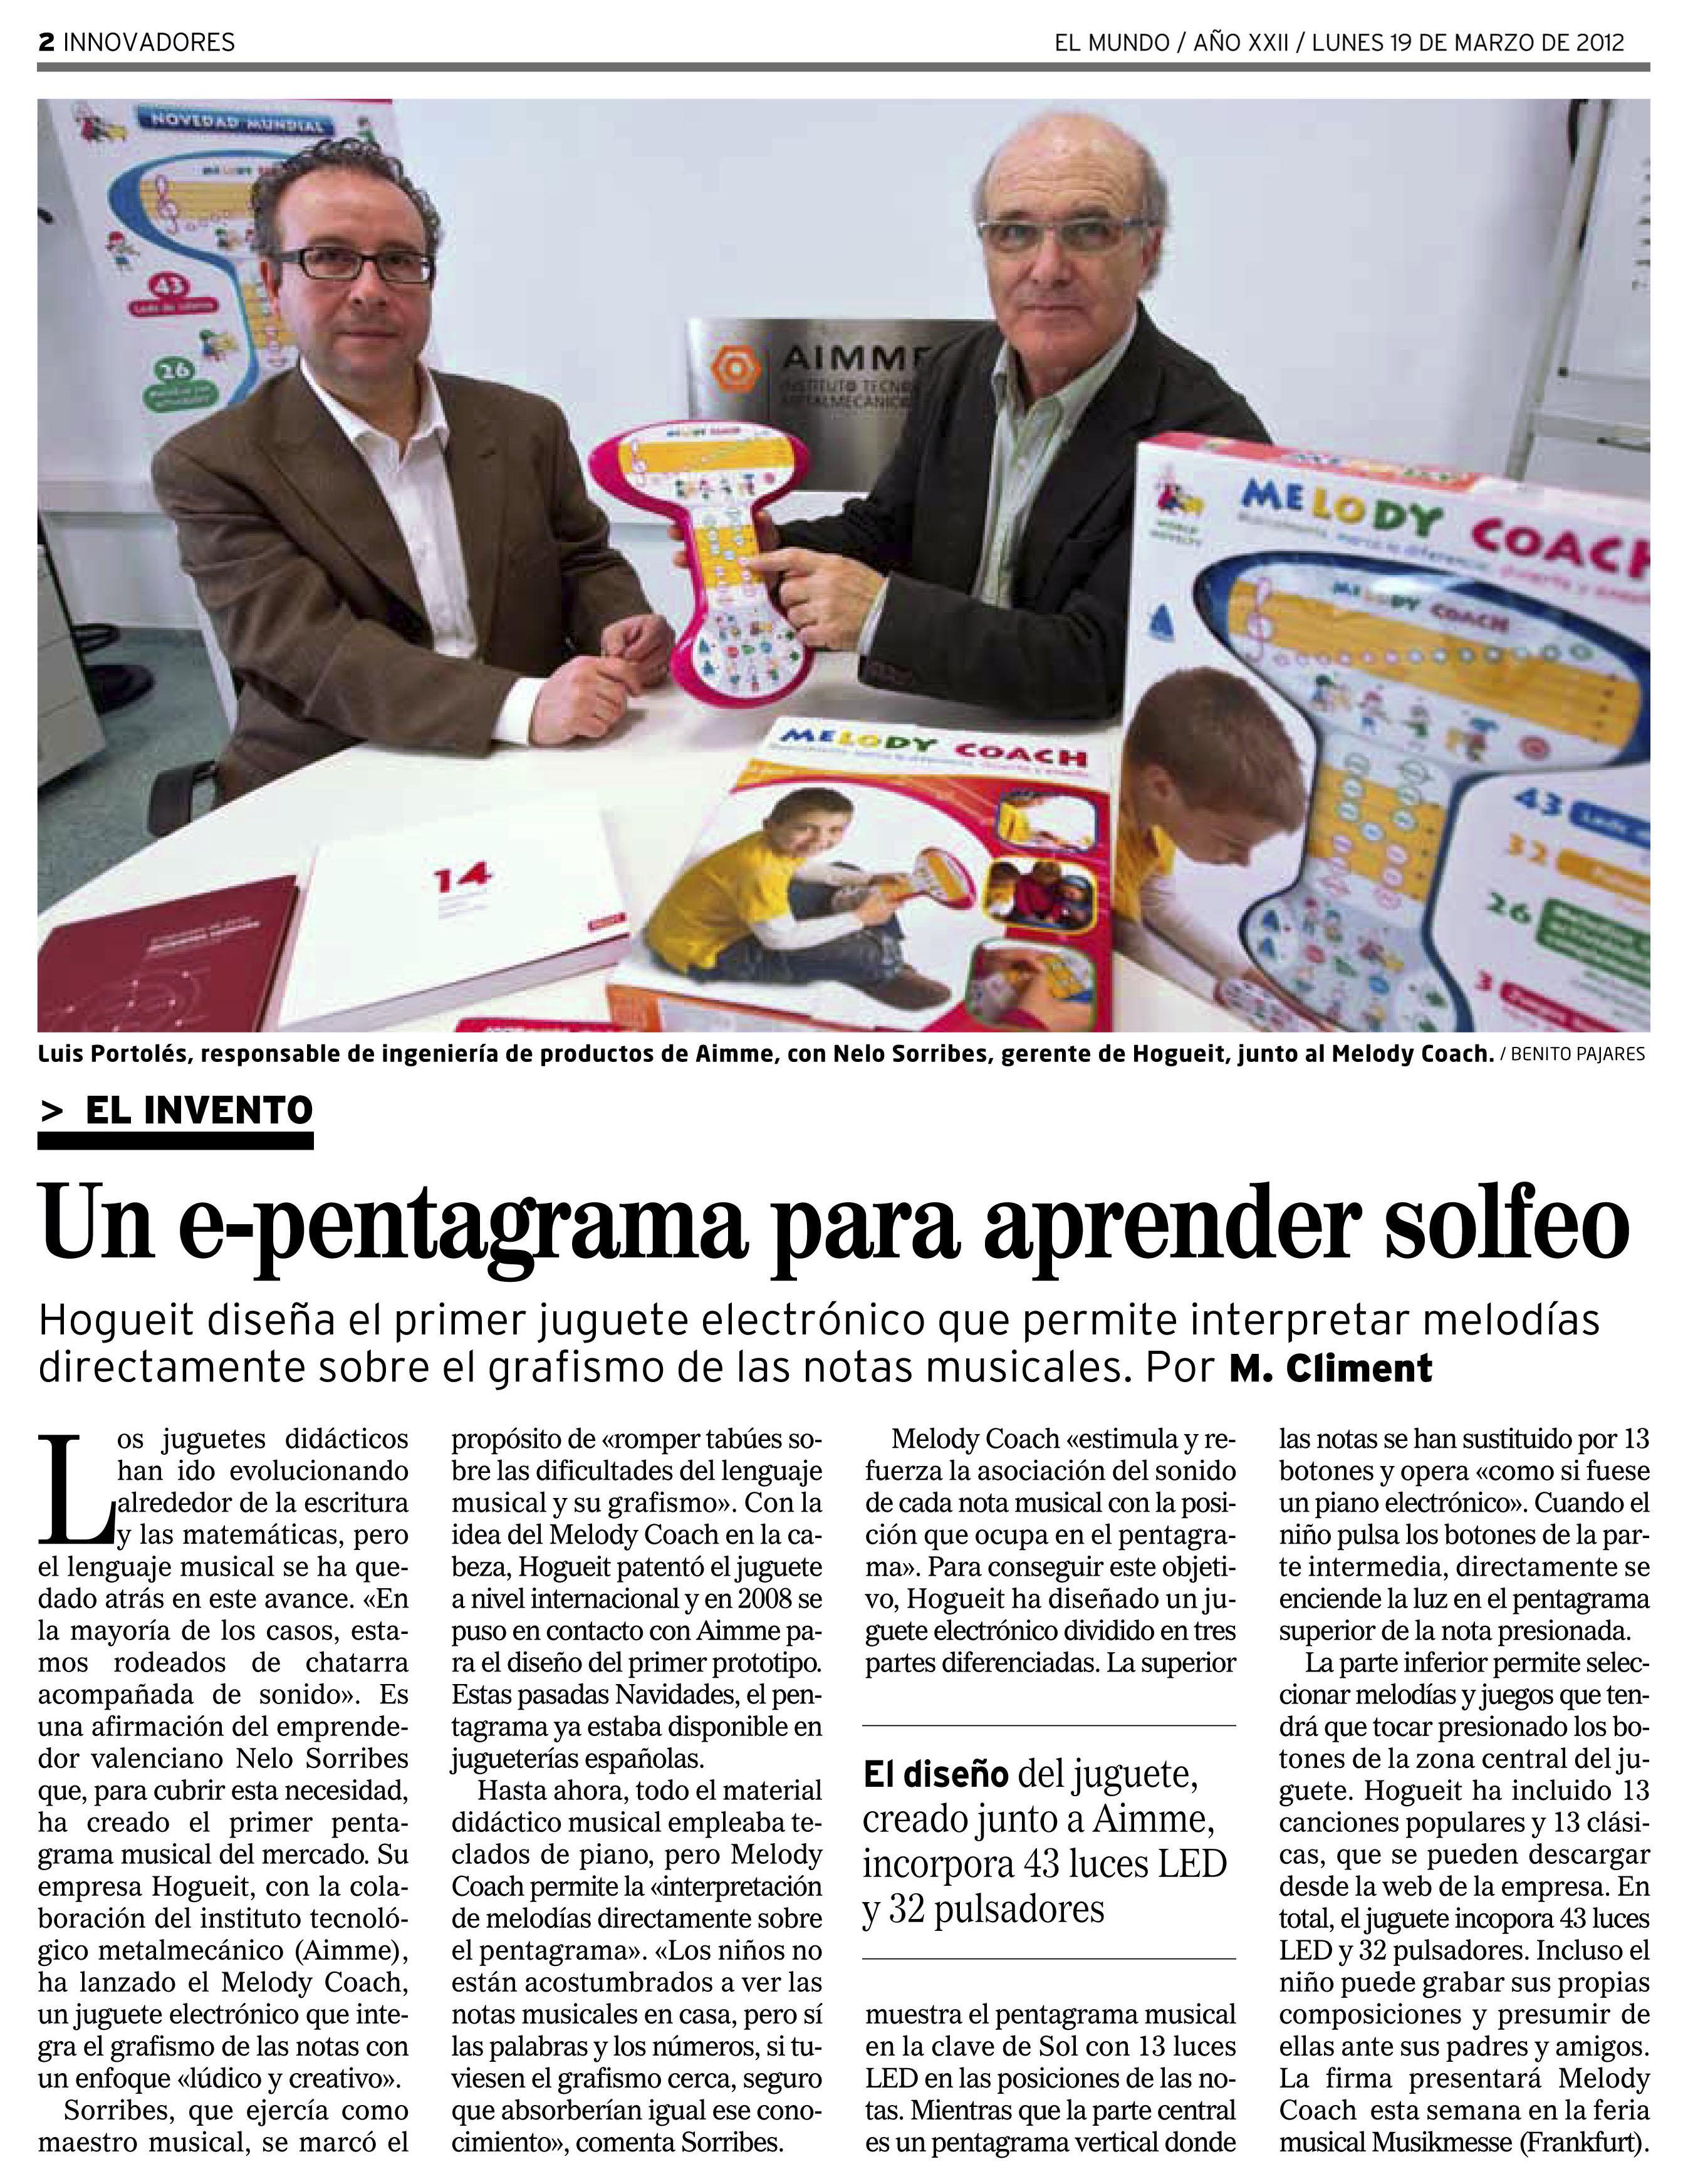 Diario El Mundo Marzo 2012